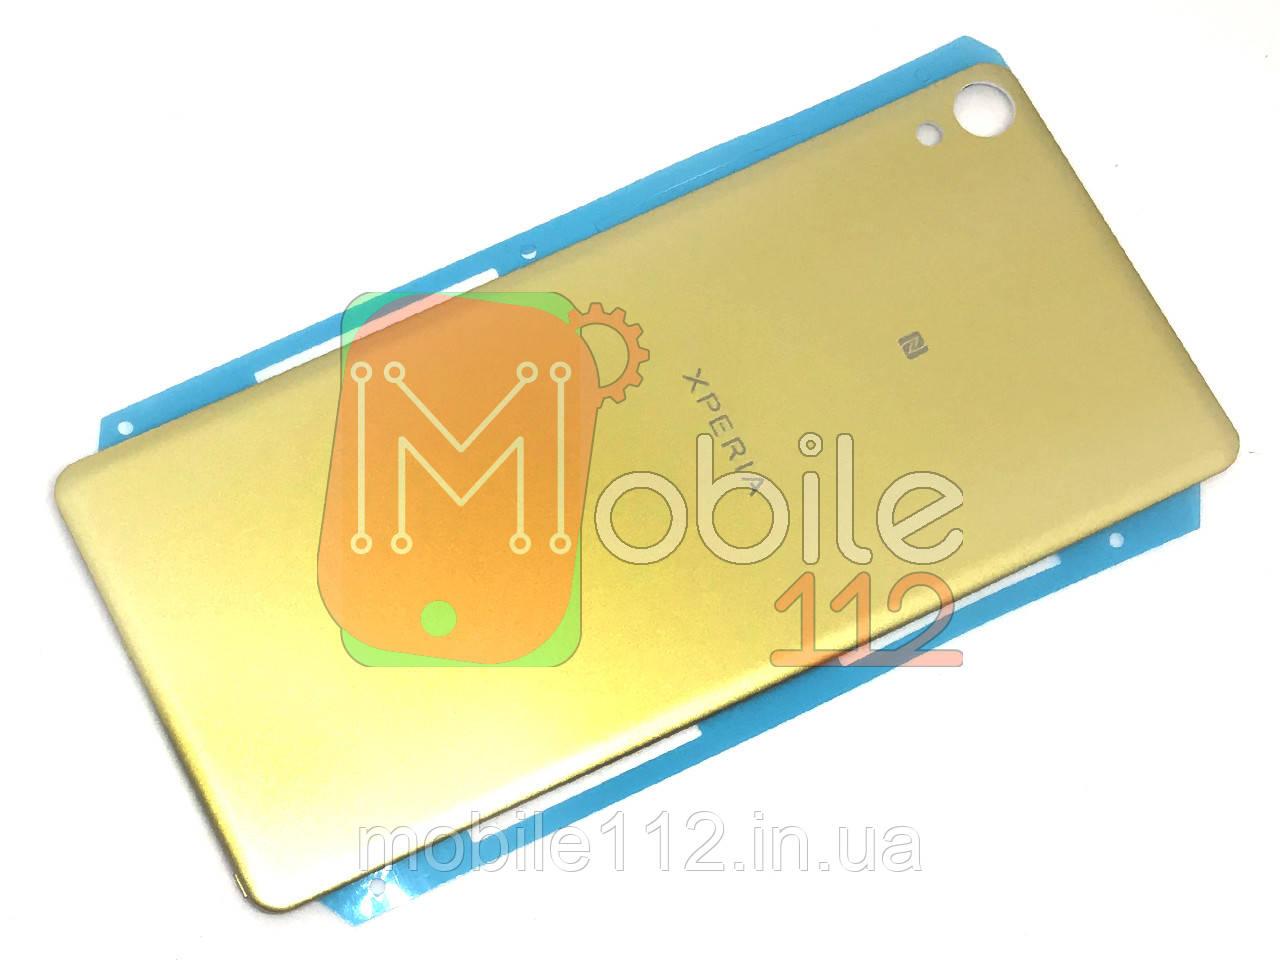 Задняя крышка Sony Xperia XA F3111 F3112 F3113 золотистая